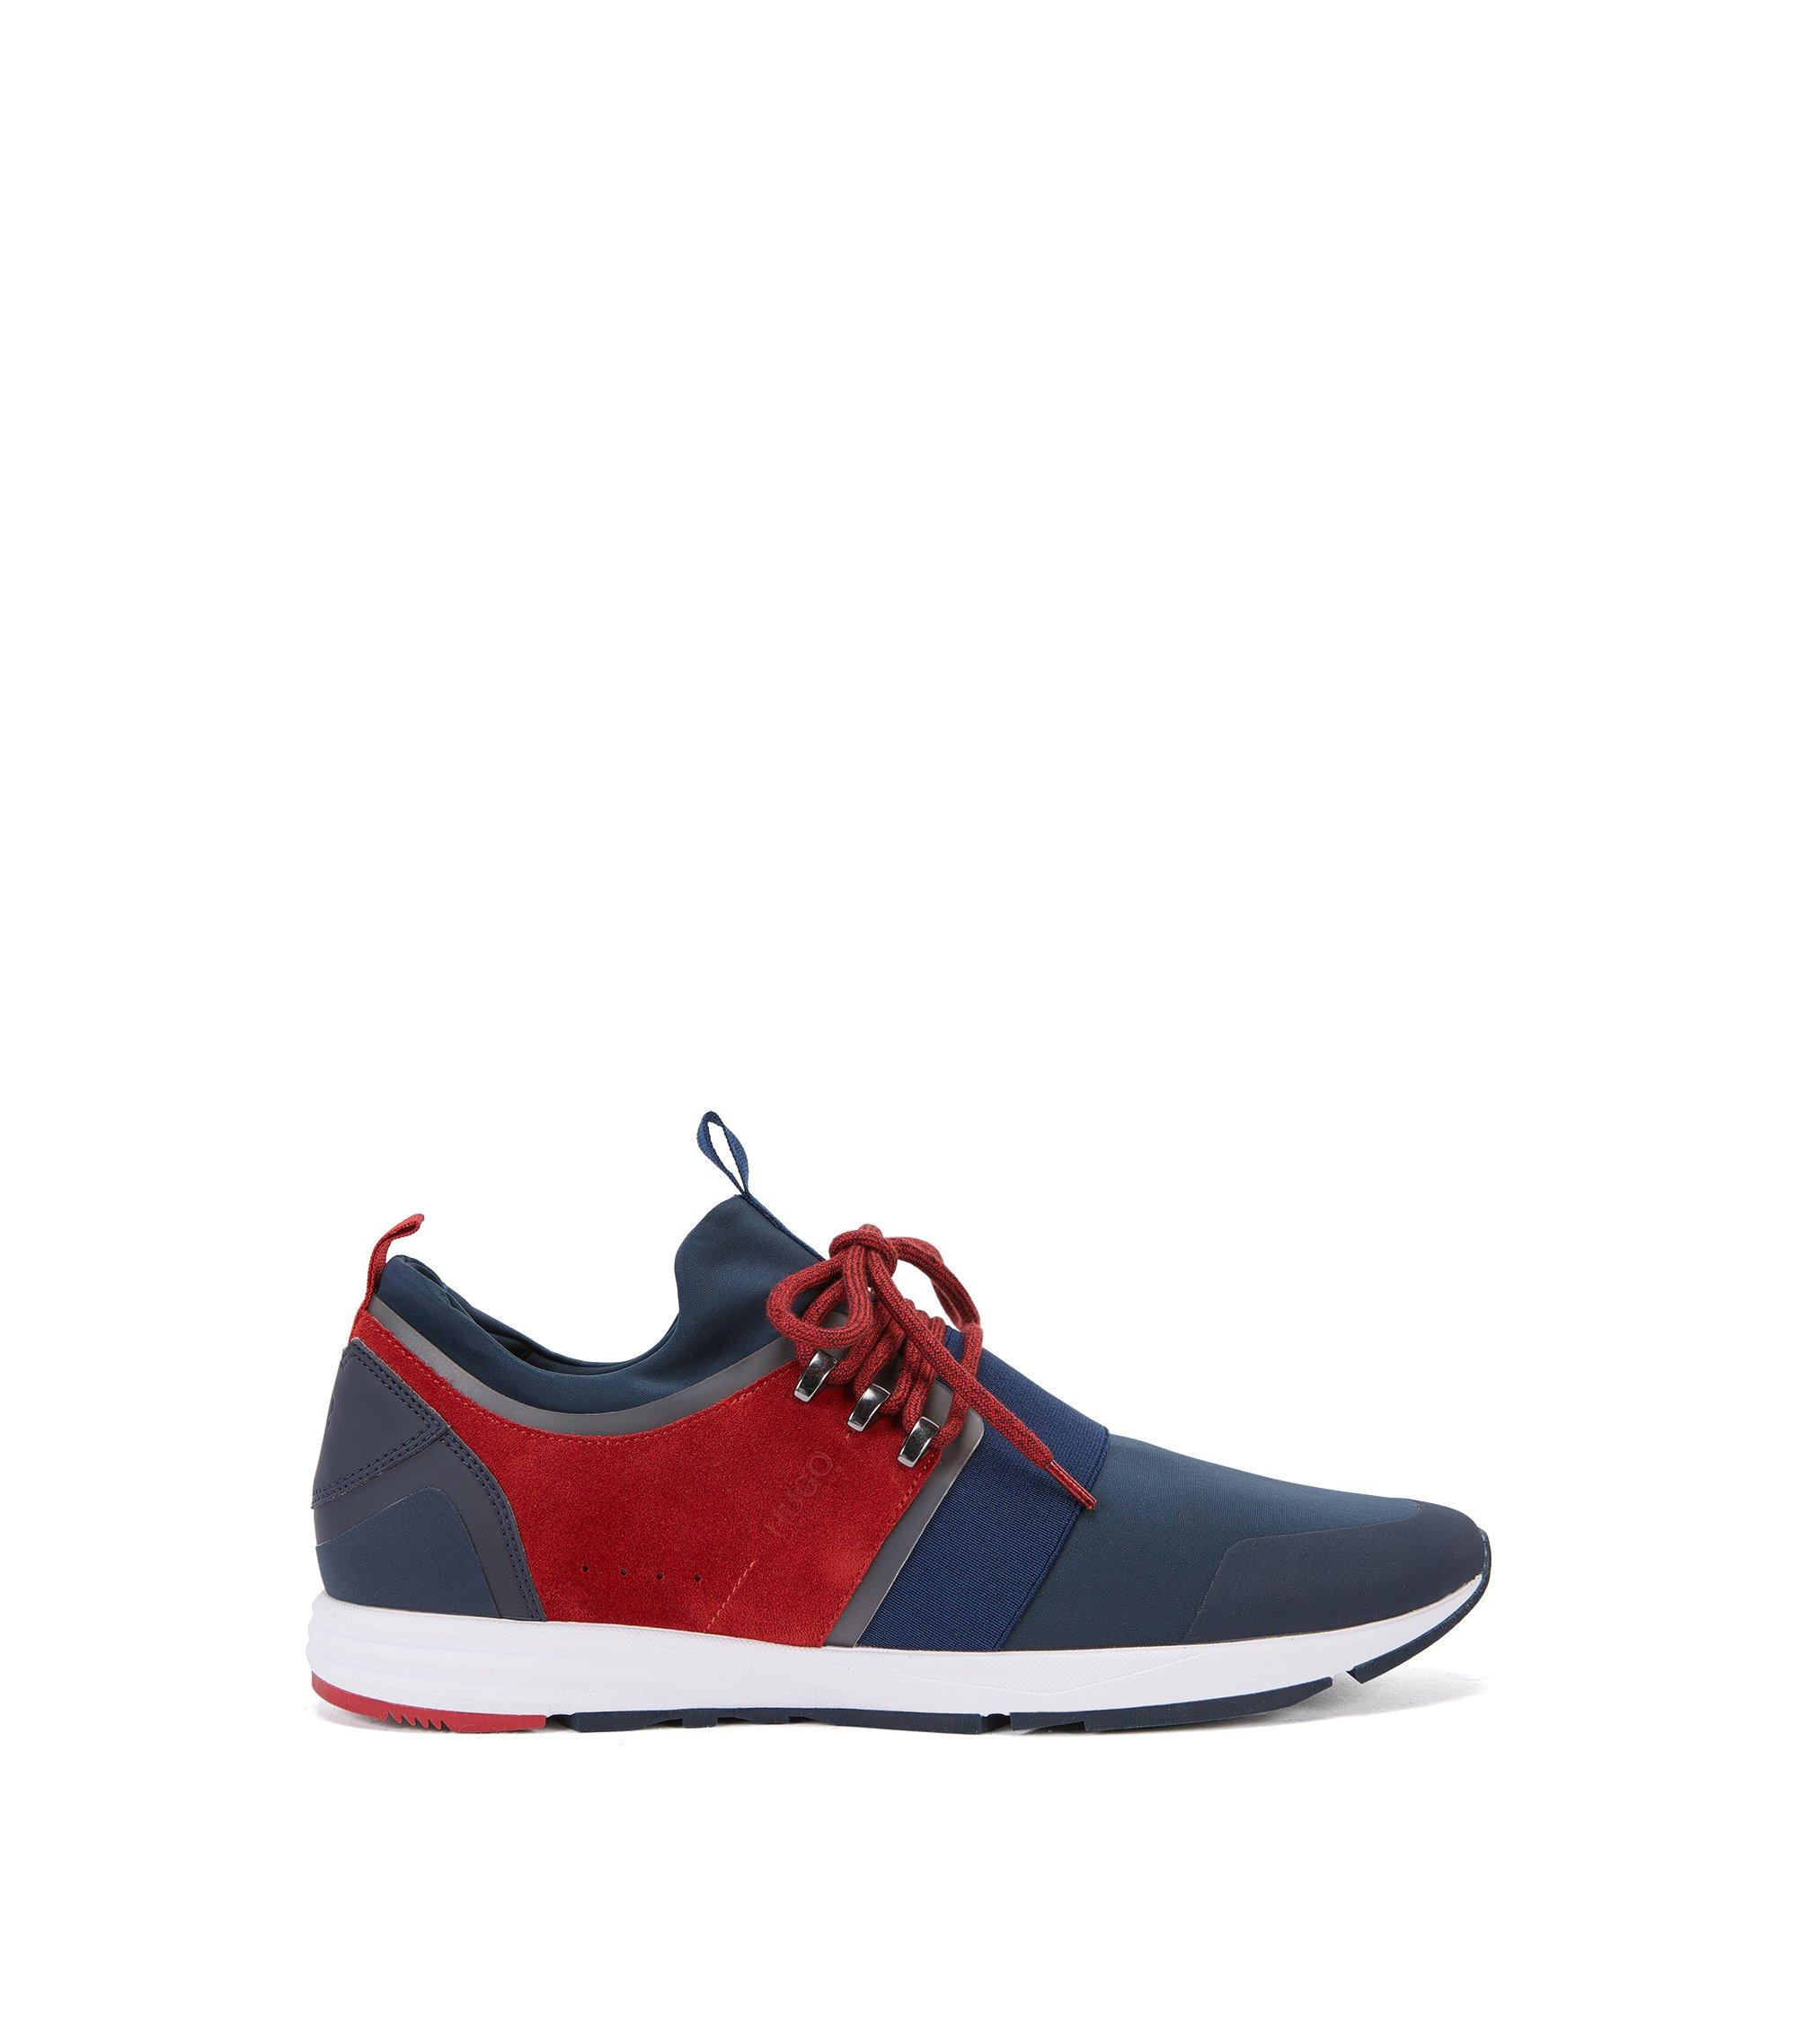 Sneakers met Vibram-zool en elastisch banddetail, Blauw